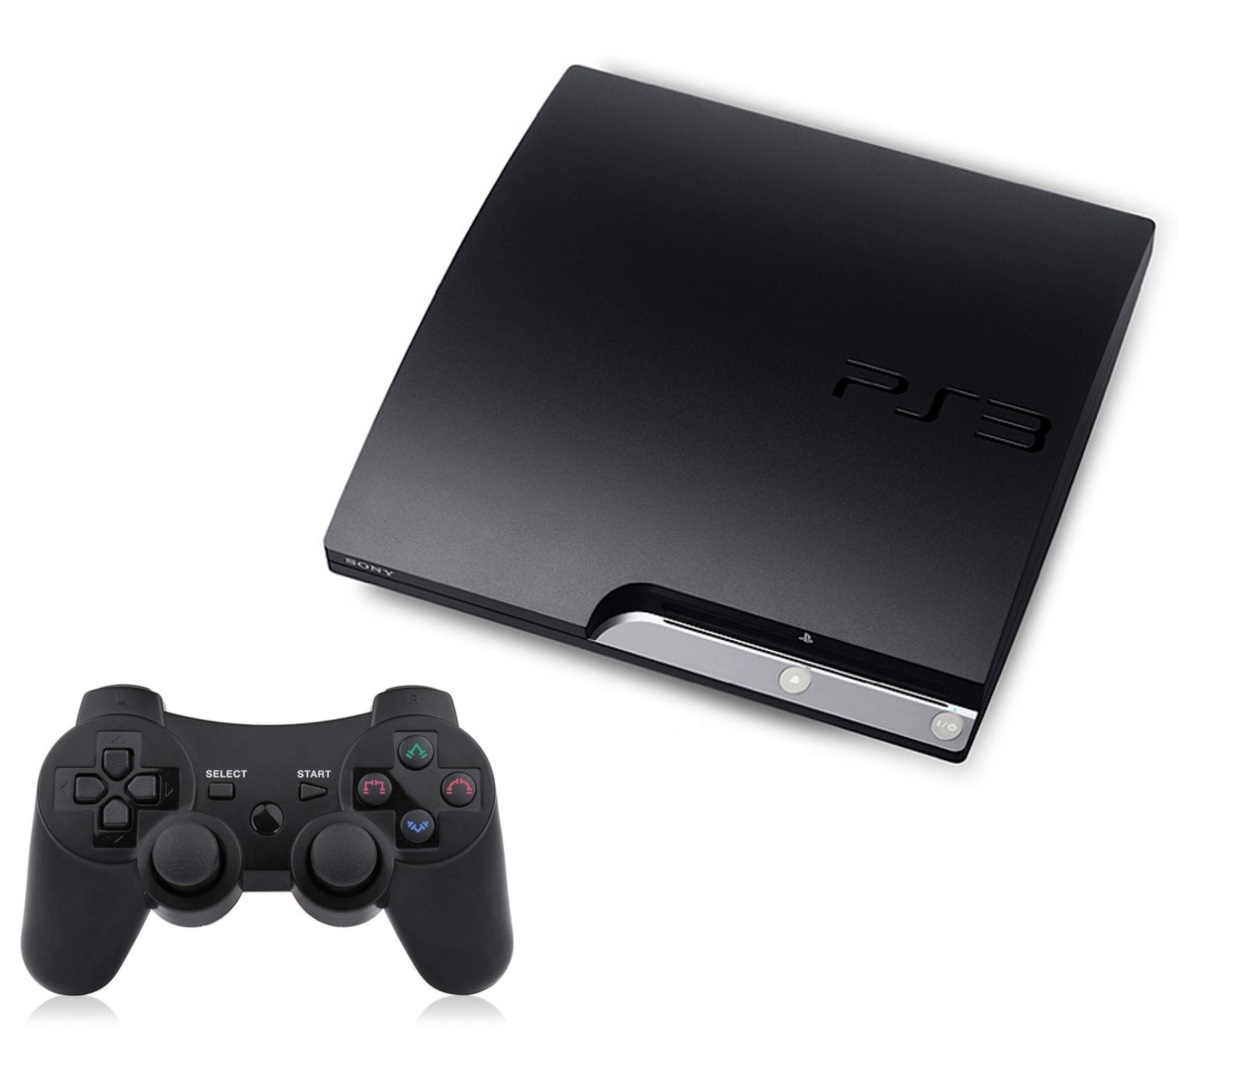 PlayStation 3 Slim 250/320 GB (A)